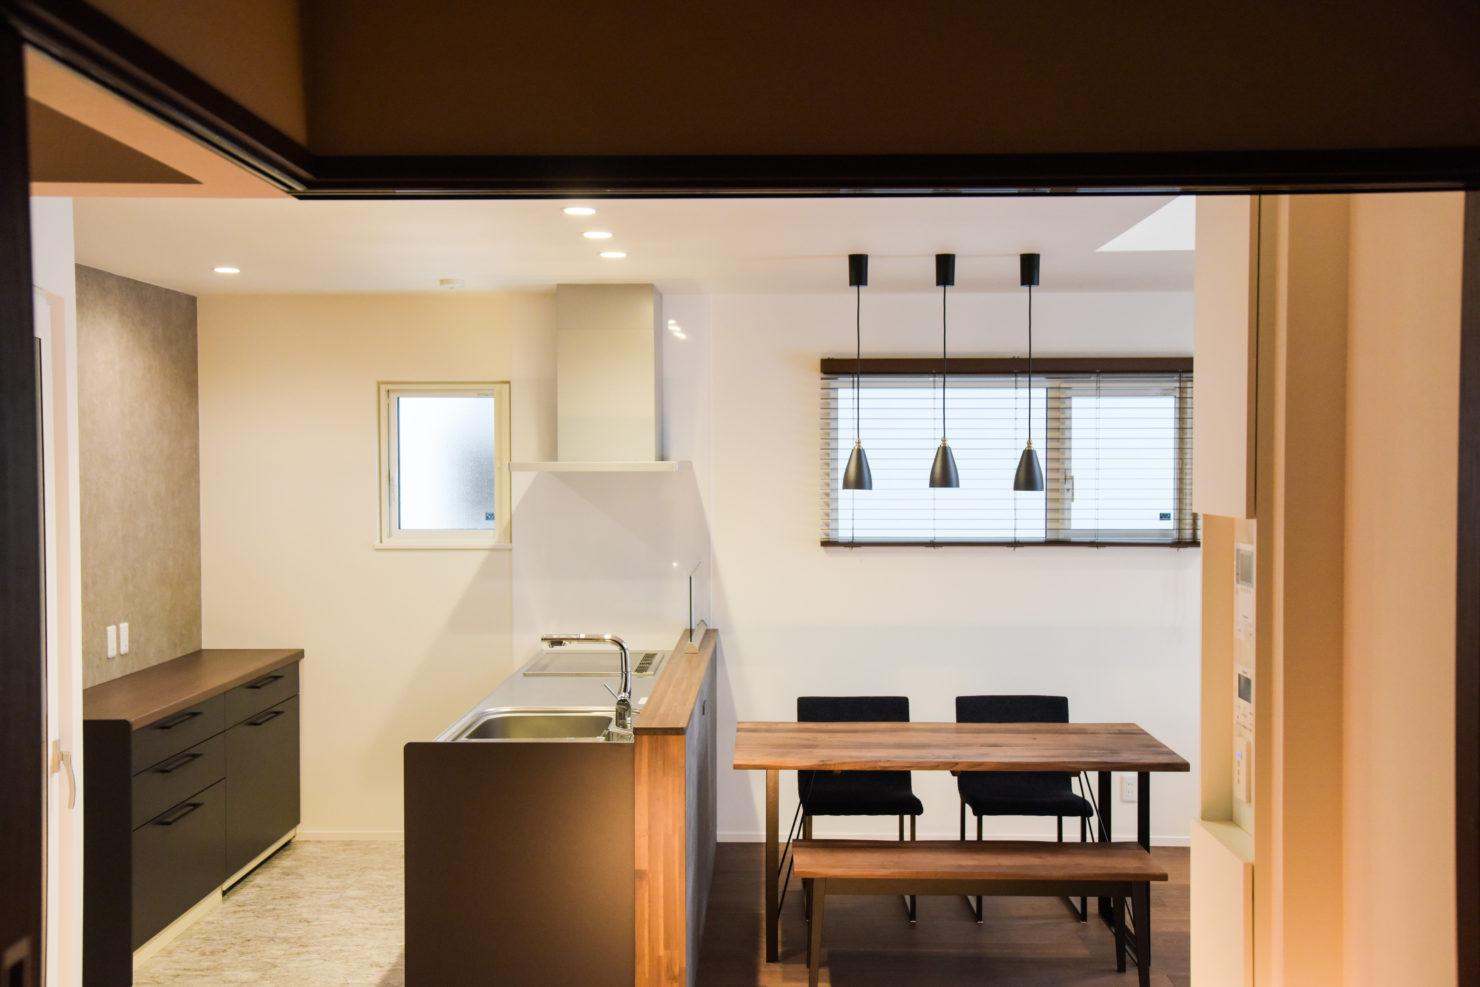 ハウスM21「仲間が集う場所」ダイニングキッチン写真